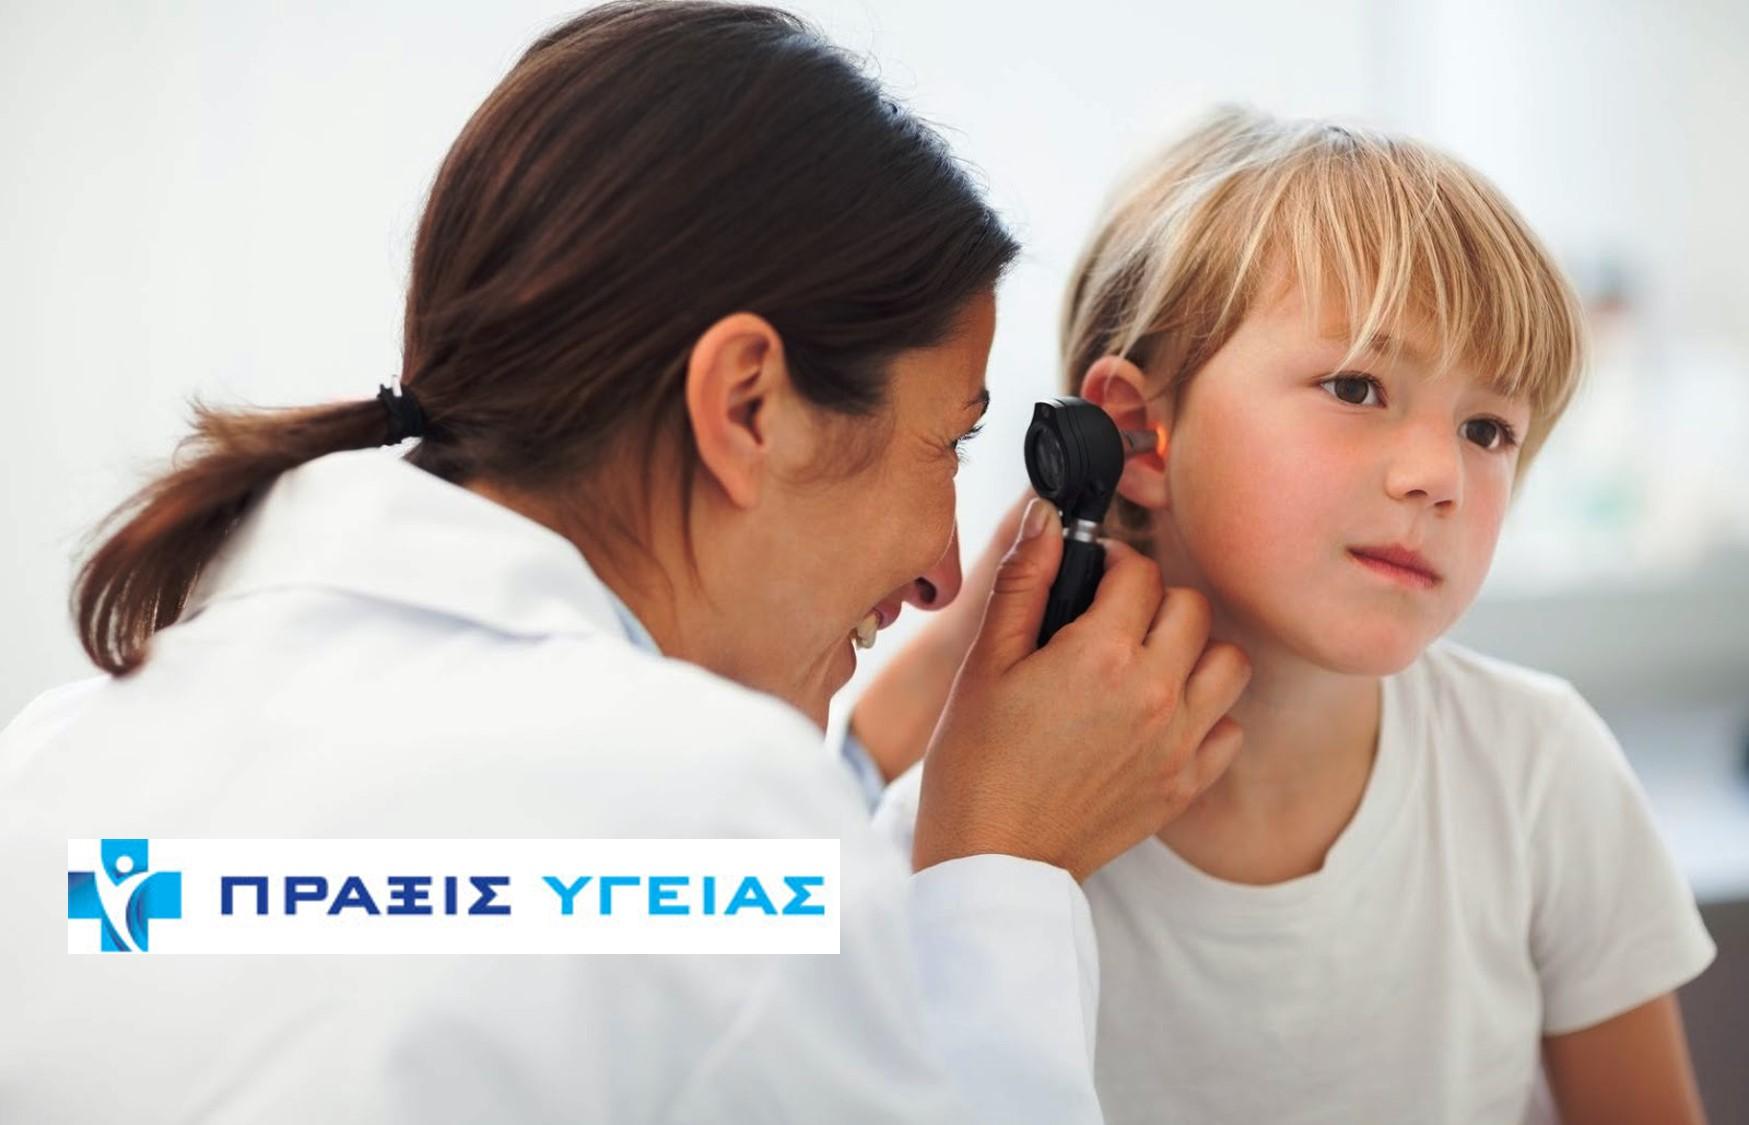 55€ από 120€ για πλήρη Ωτορινολαρυγγολογικό Έλεγχο (Κλινική Εξέταση από ΩΡΛ, Τυμπανόγραμμα, Ακουόγραμμα & Καθαρισμό Ώτων) στο υπερσύχρονο ιατρικό κέντρο ''ΠΡΑΞΙΣ ΥΓΕΙΑΣ'' στο Χαλάνδρι εικόνα